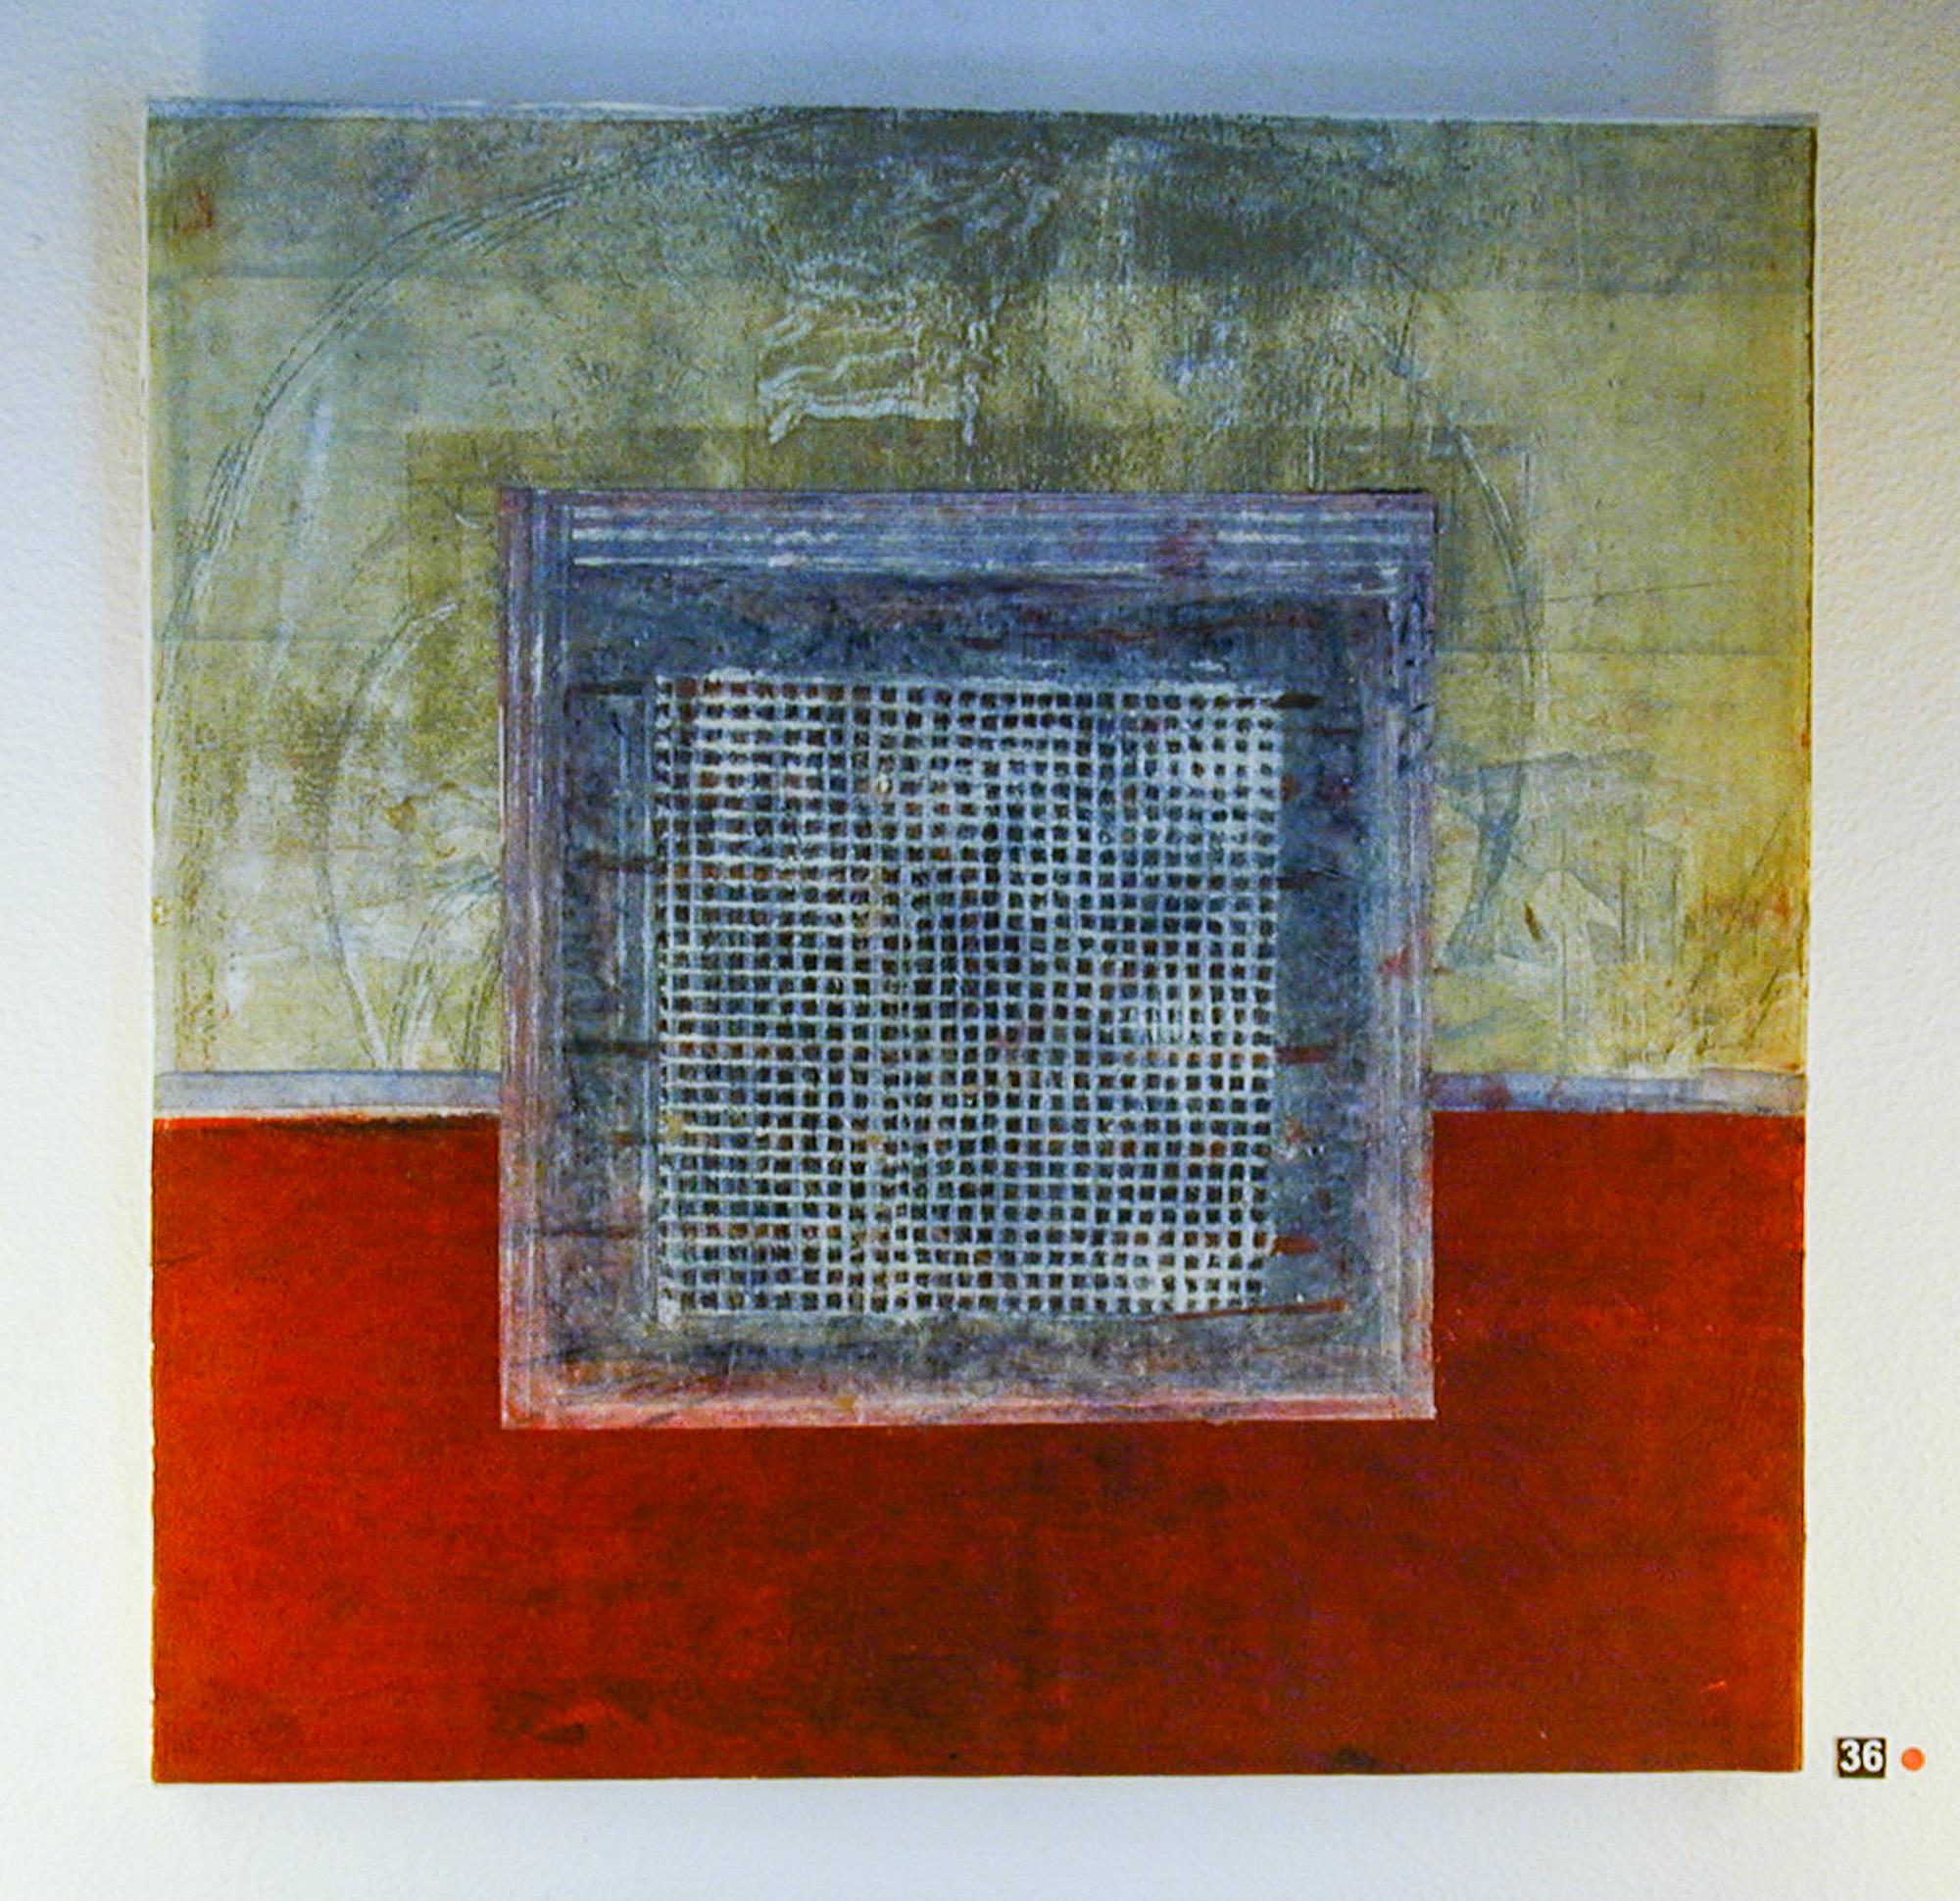 P4120453, 2003, Peinture 50x50cm